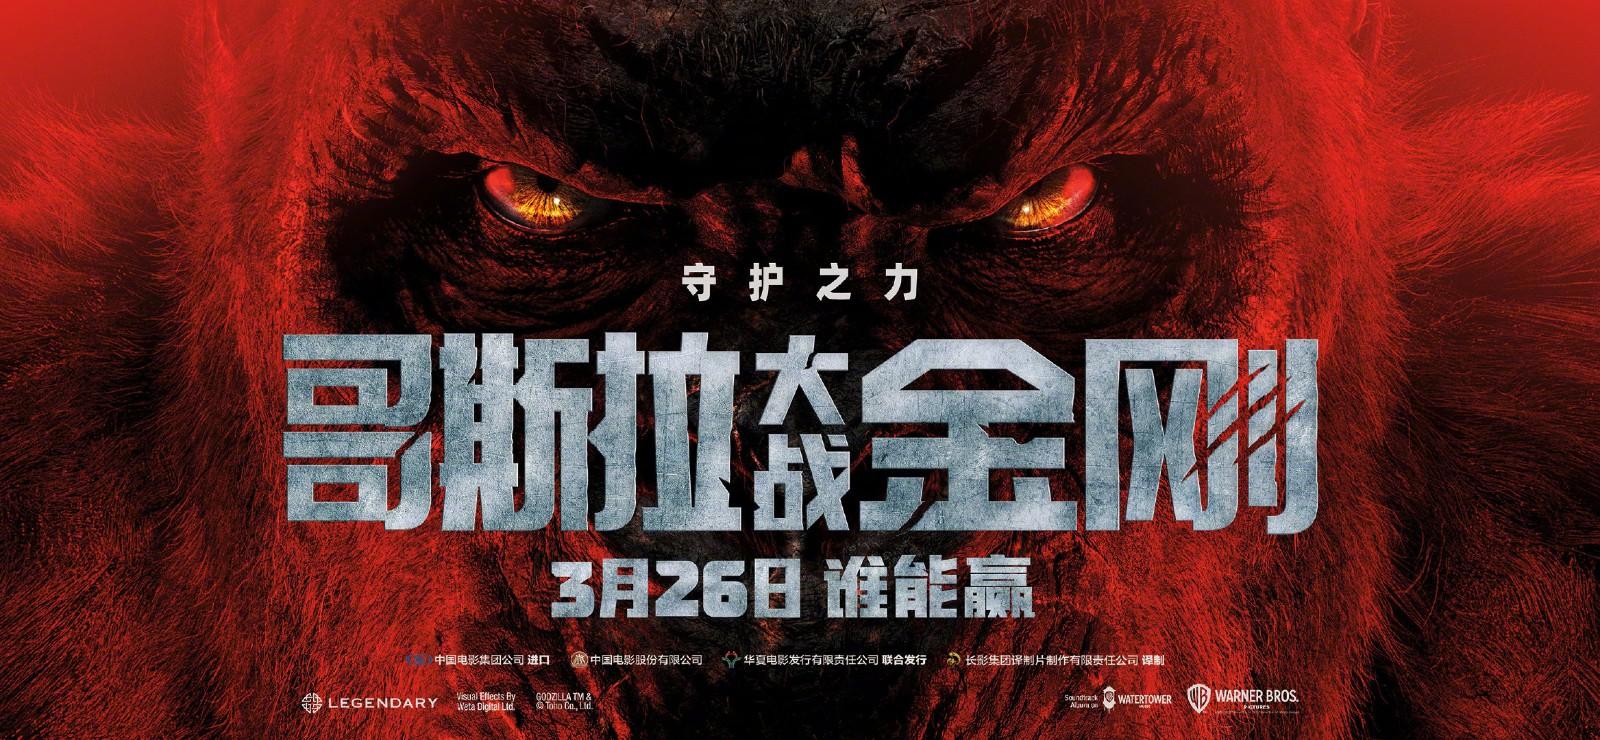 《哥斯拉大战金刚》全新海报 两大怪兽正面怼脸拍